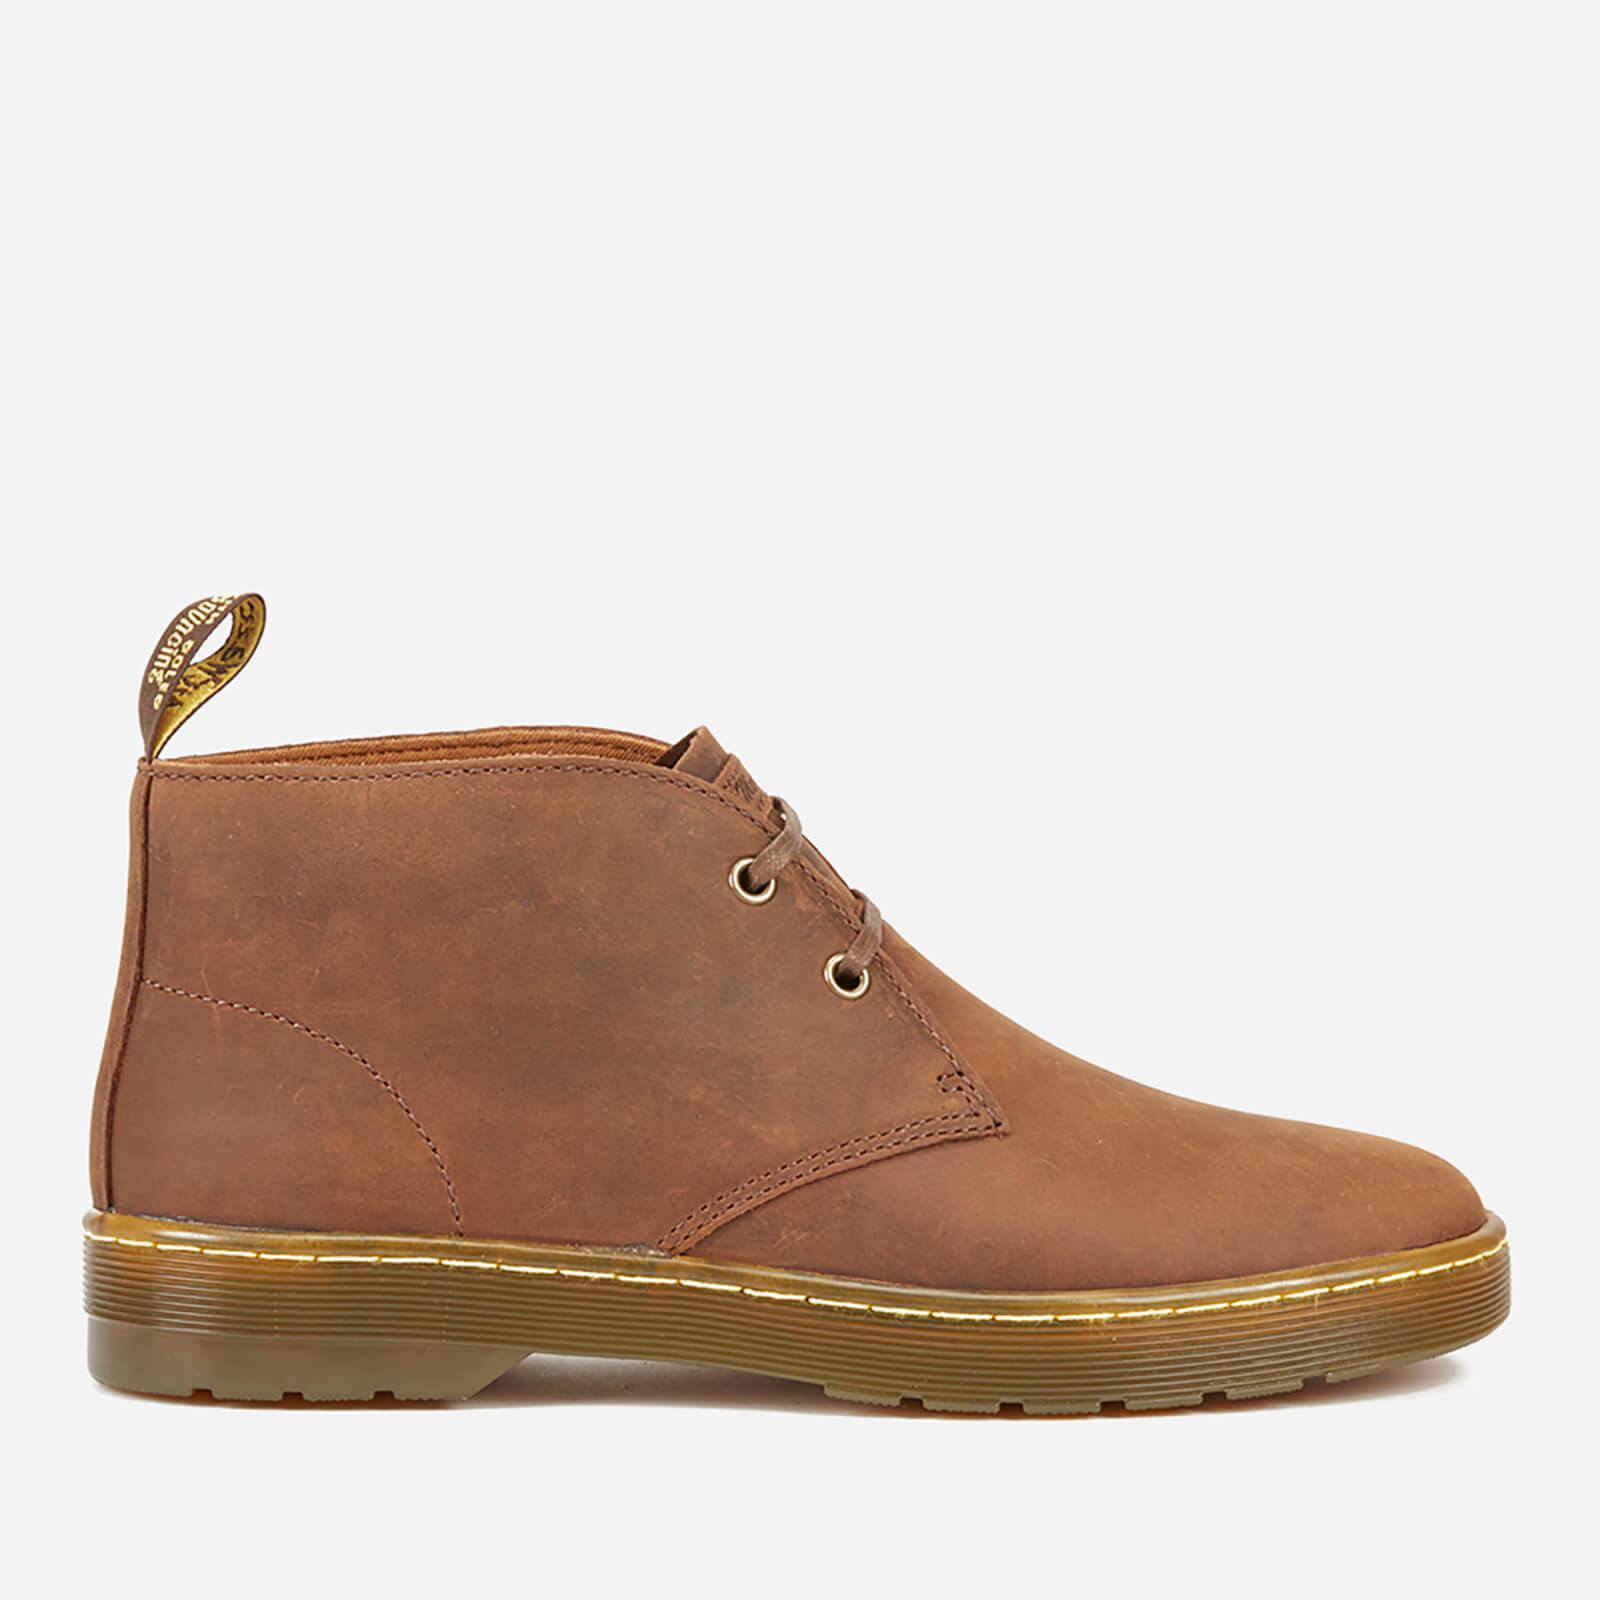 d2516c30d67 Dr. Martens Men's Cabrillo Crazyhorse Leather Desert Boots - Gaucho